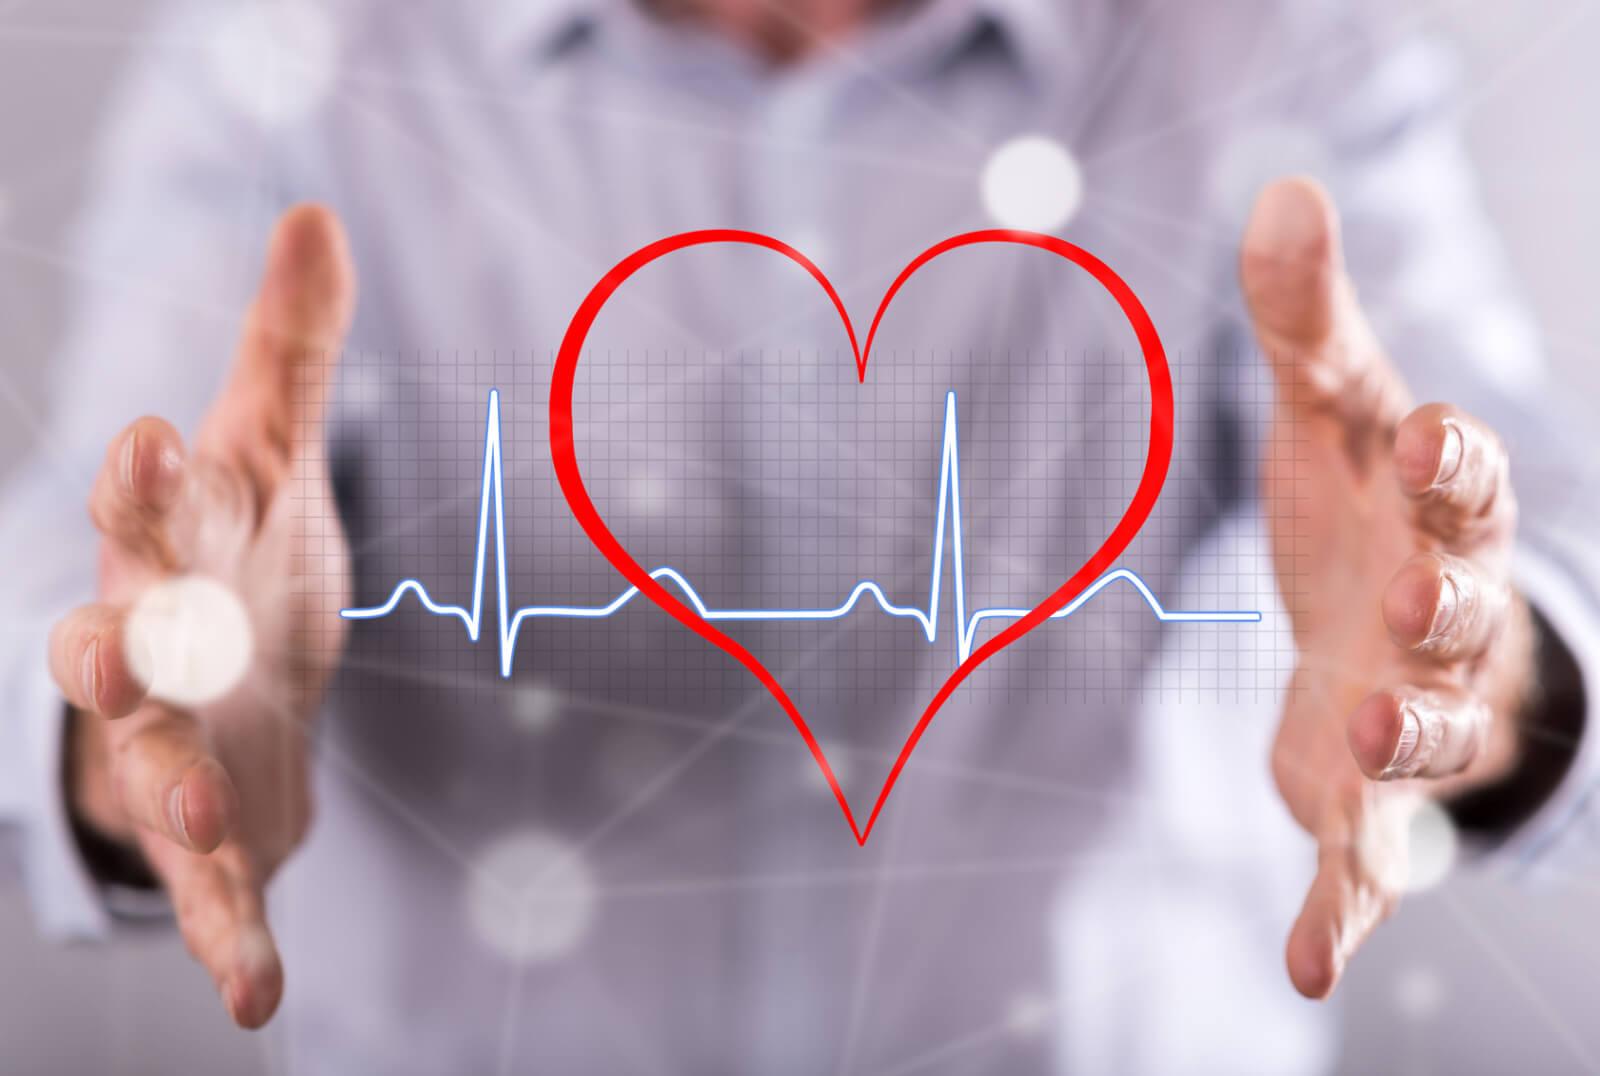 Как проявляется стенокардия и что делать во время приступа?